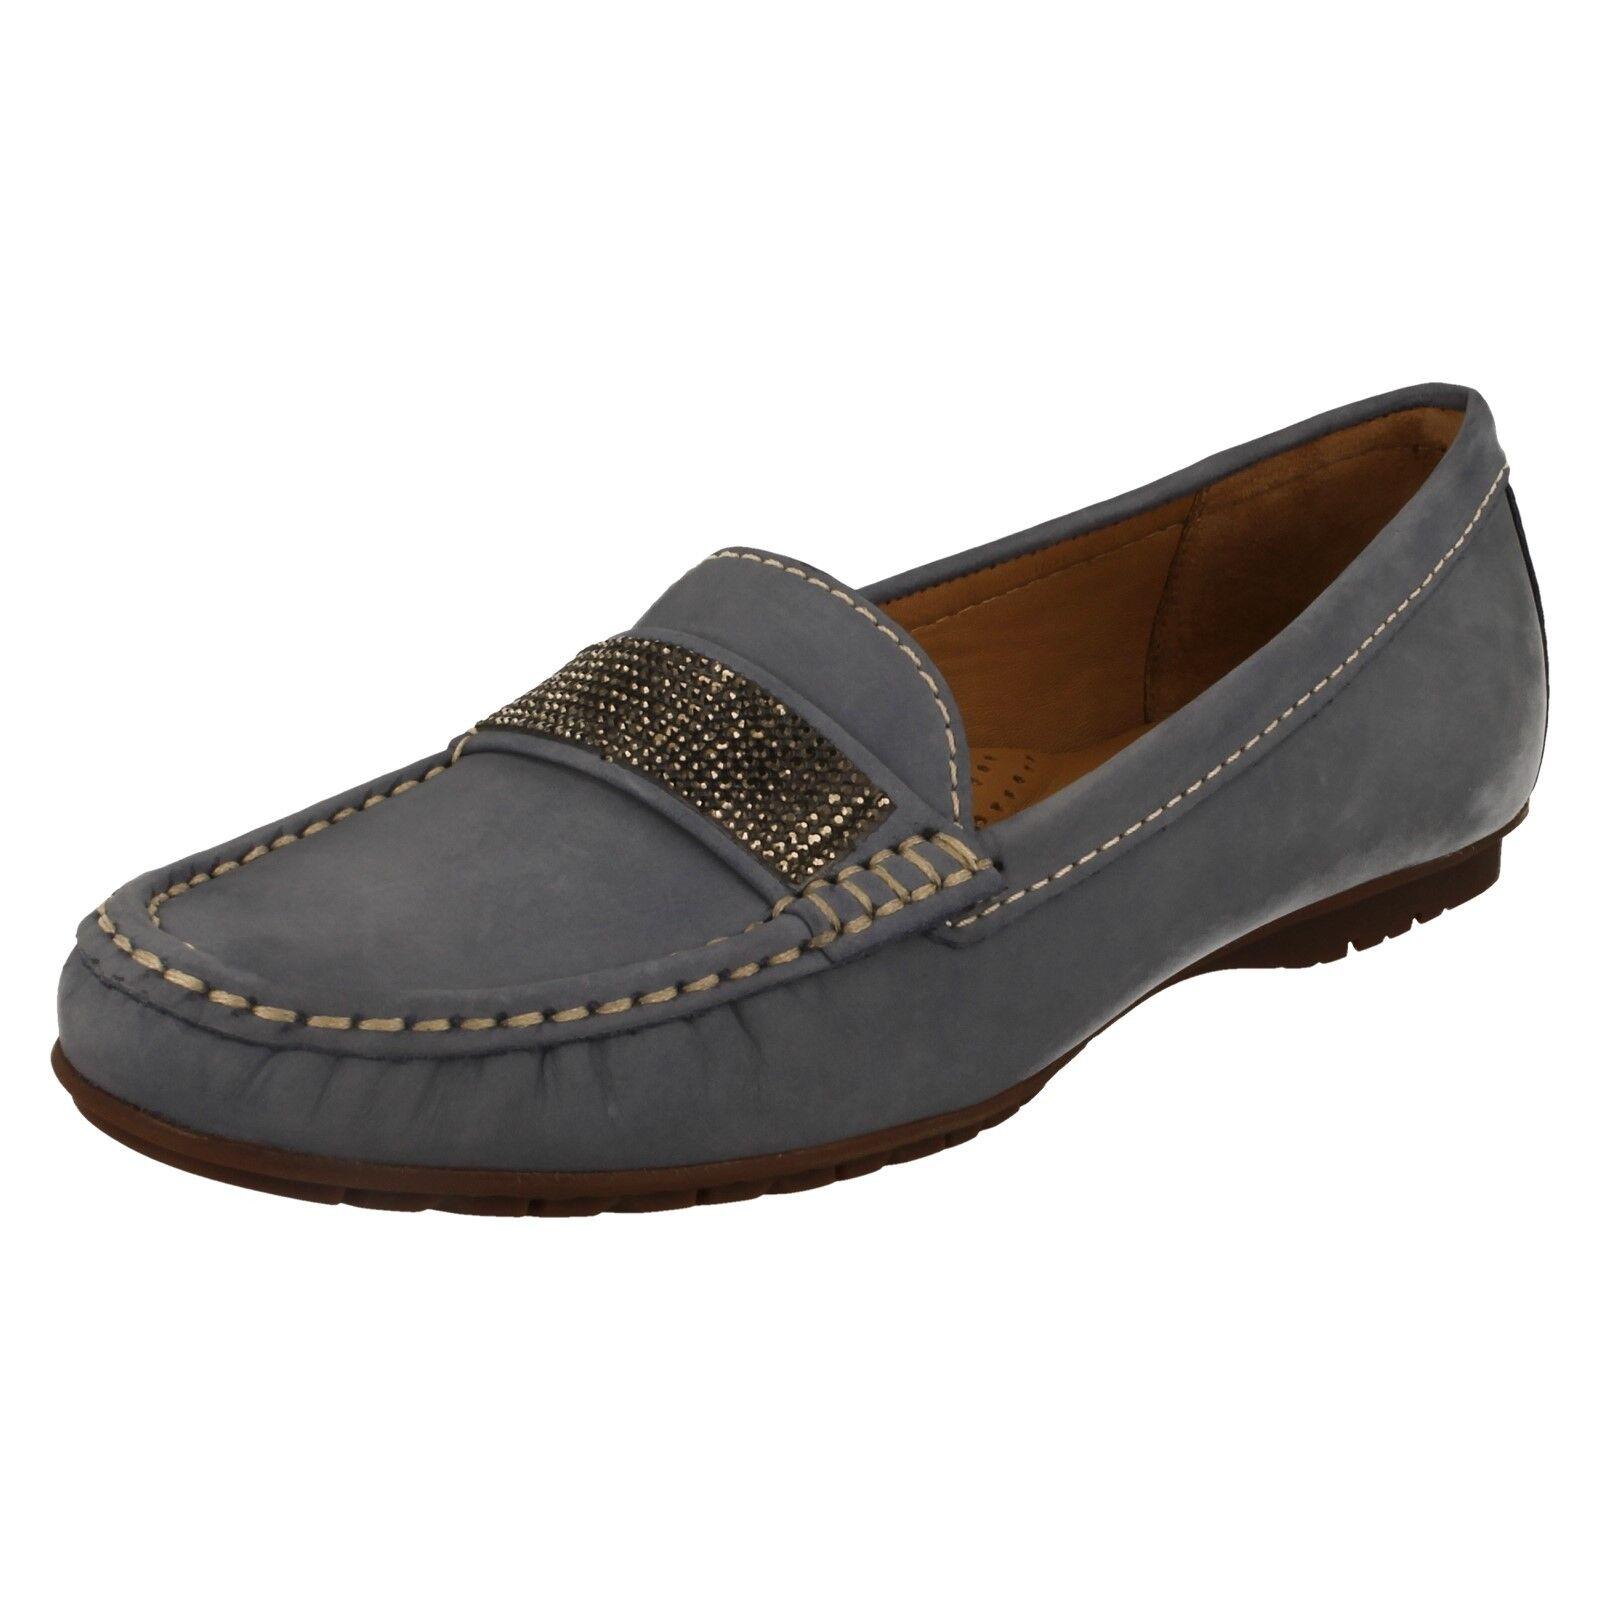 MUJER globo MOCASIN Zapatos - AINTREE AINTREE AINTREE  almacén al por mayor